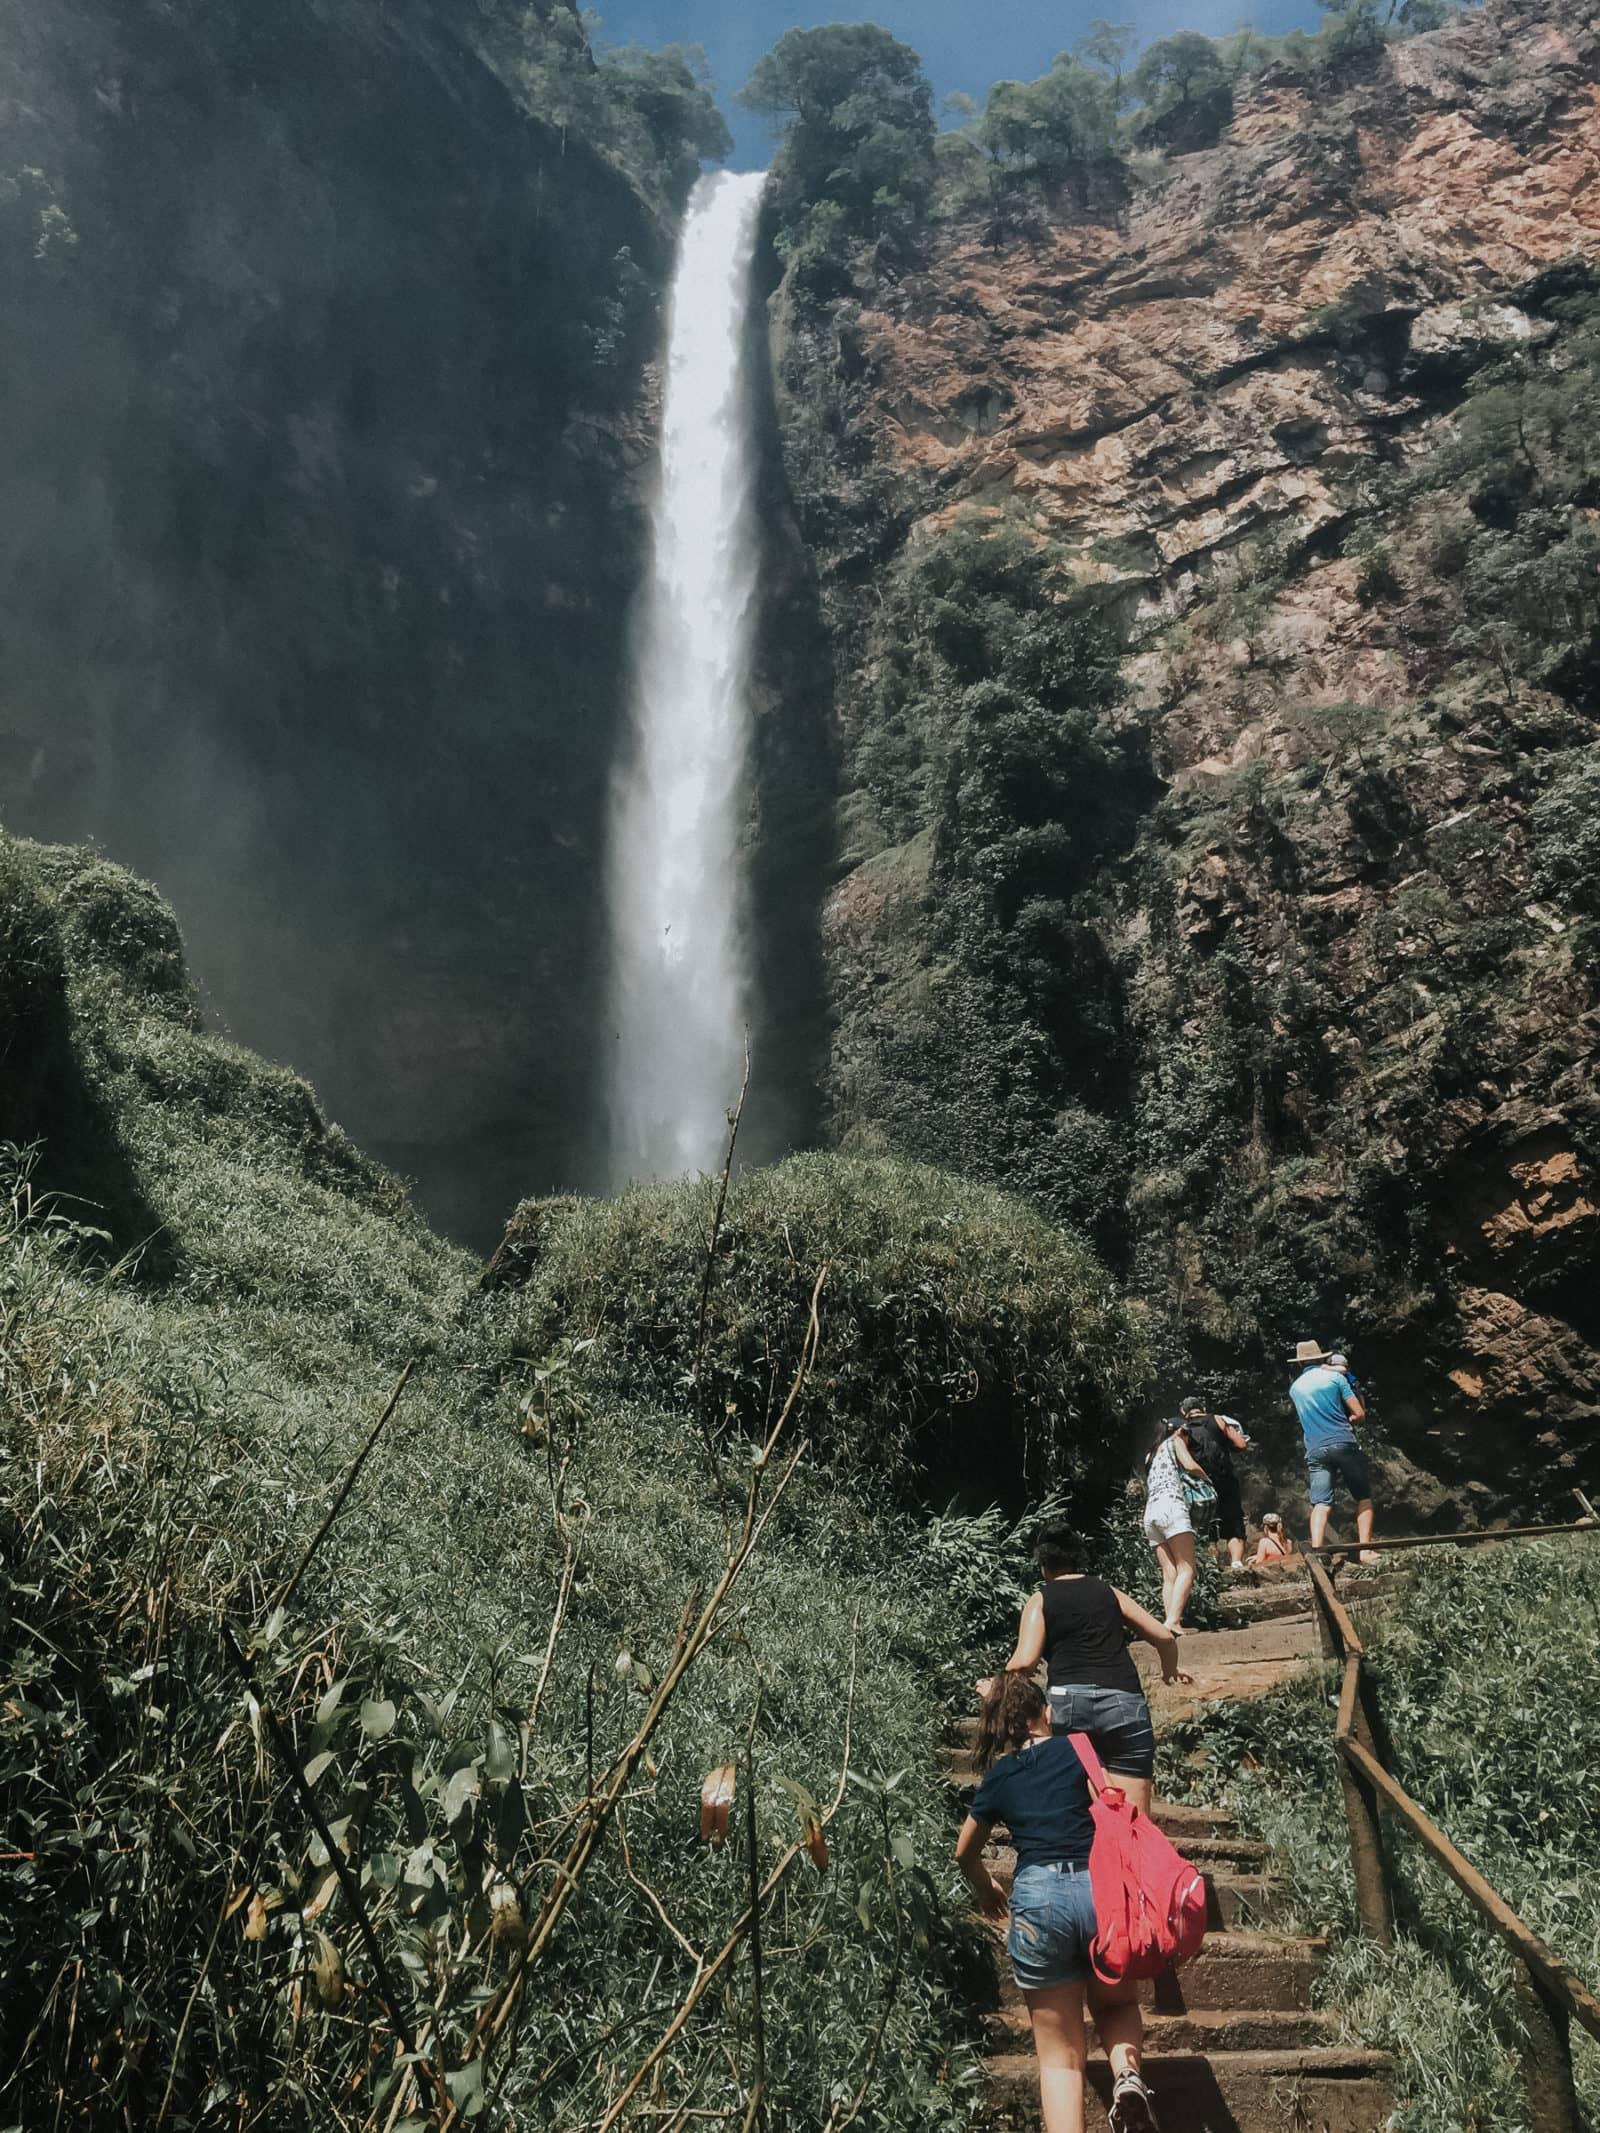 Wasserfall Brasilien Wandern Salto do Itiquira Goias